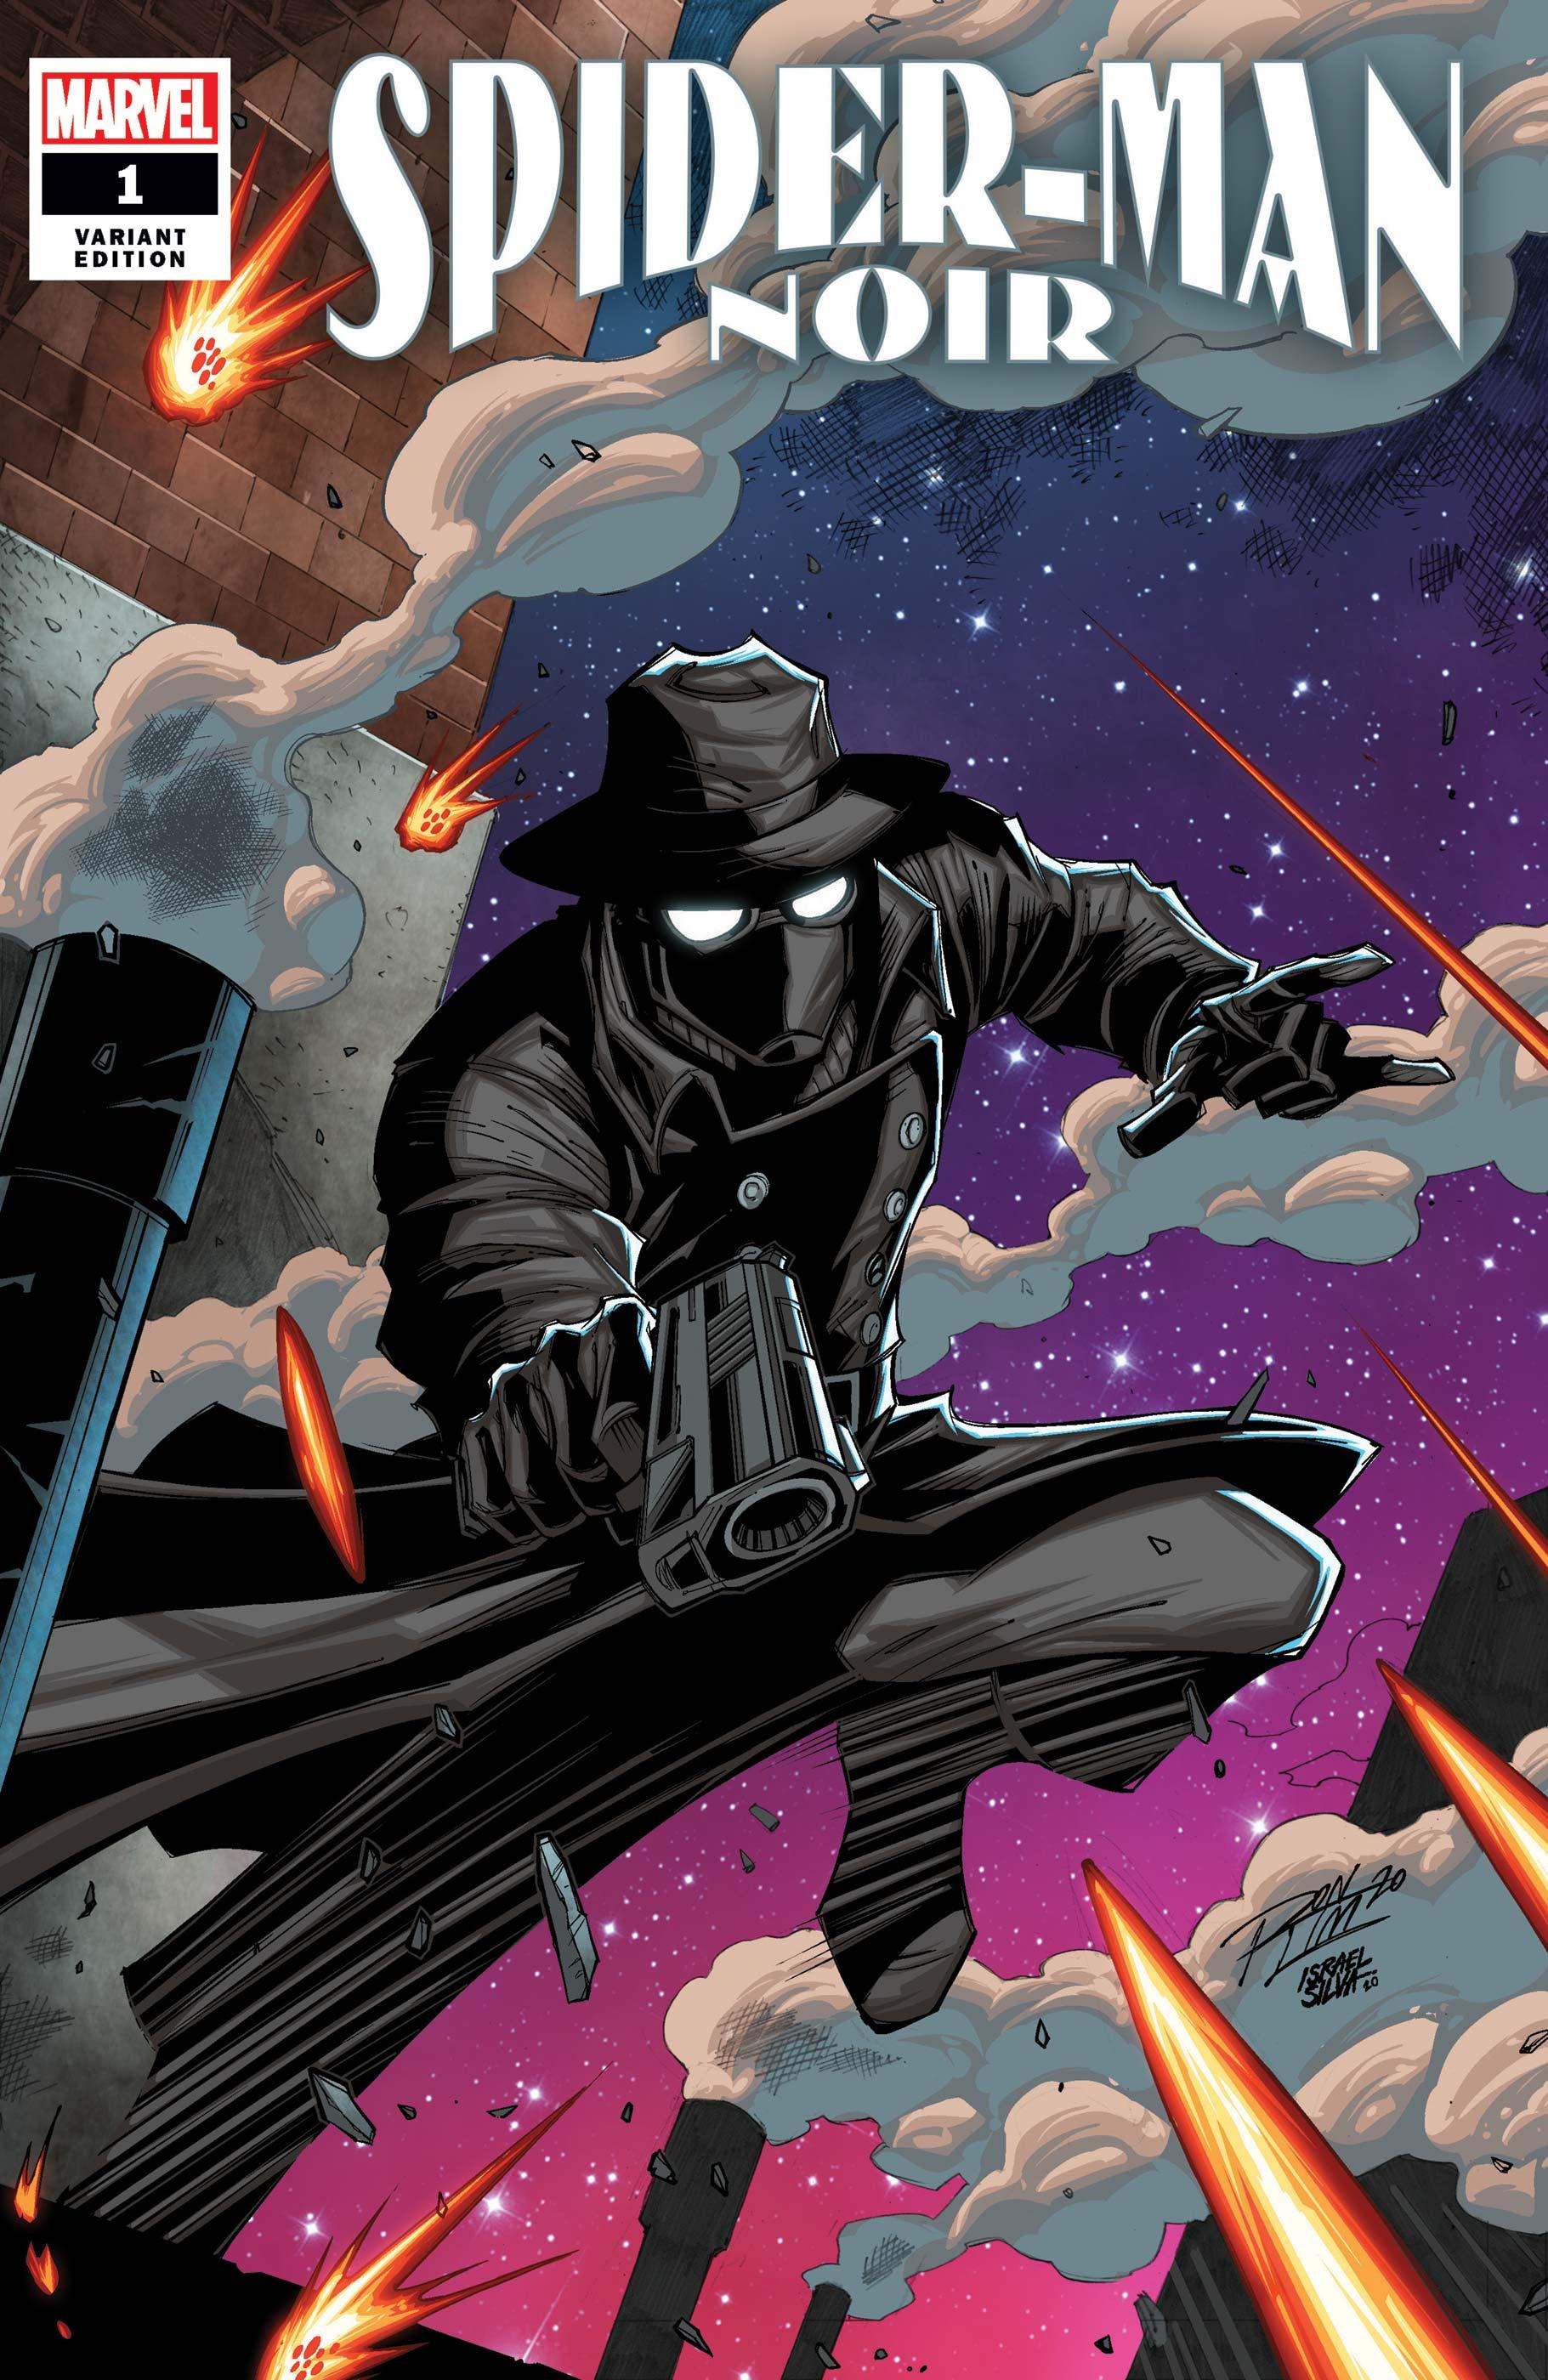 Spider-Man Noir (2020) #1 (Variant)